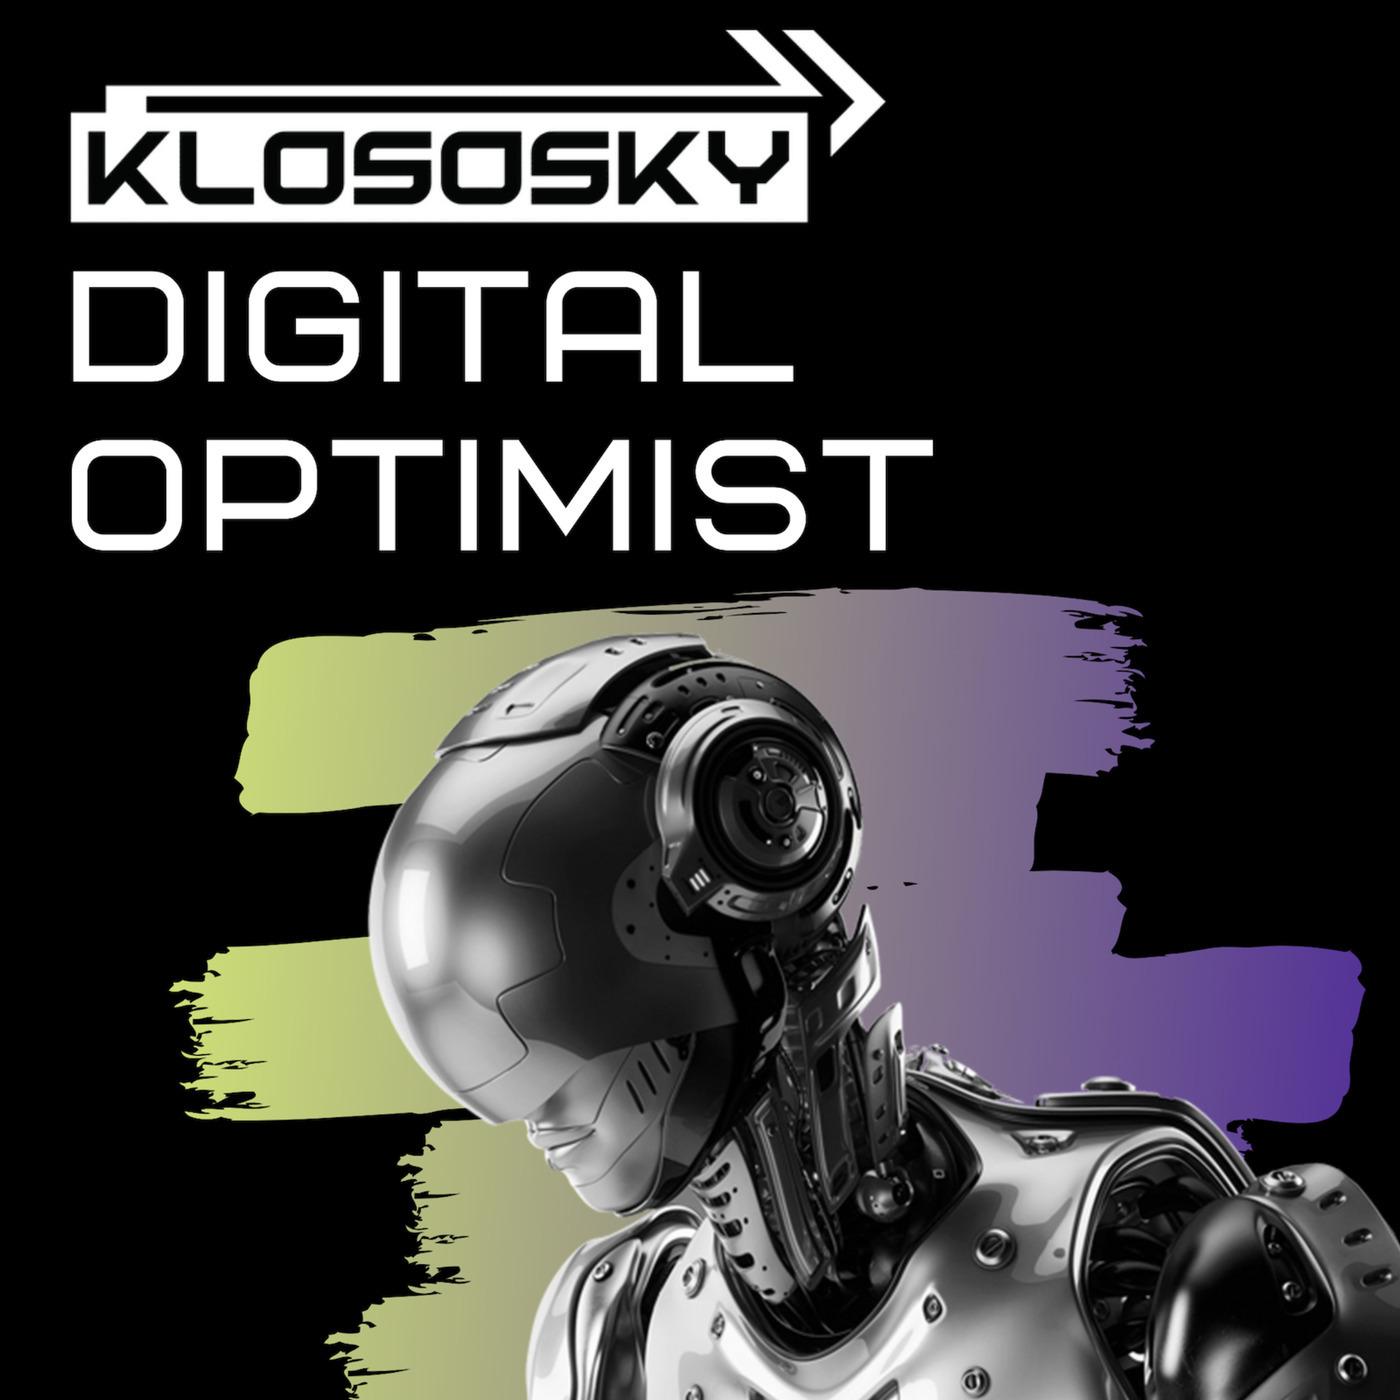 Digital Optimist 3: The Future of Healthcare